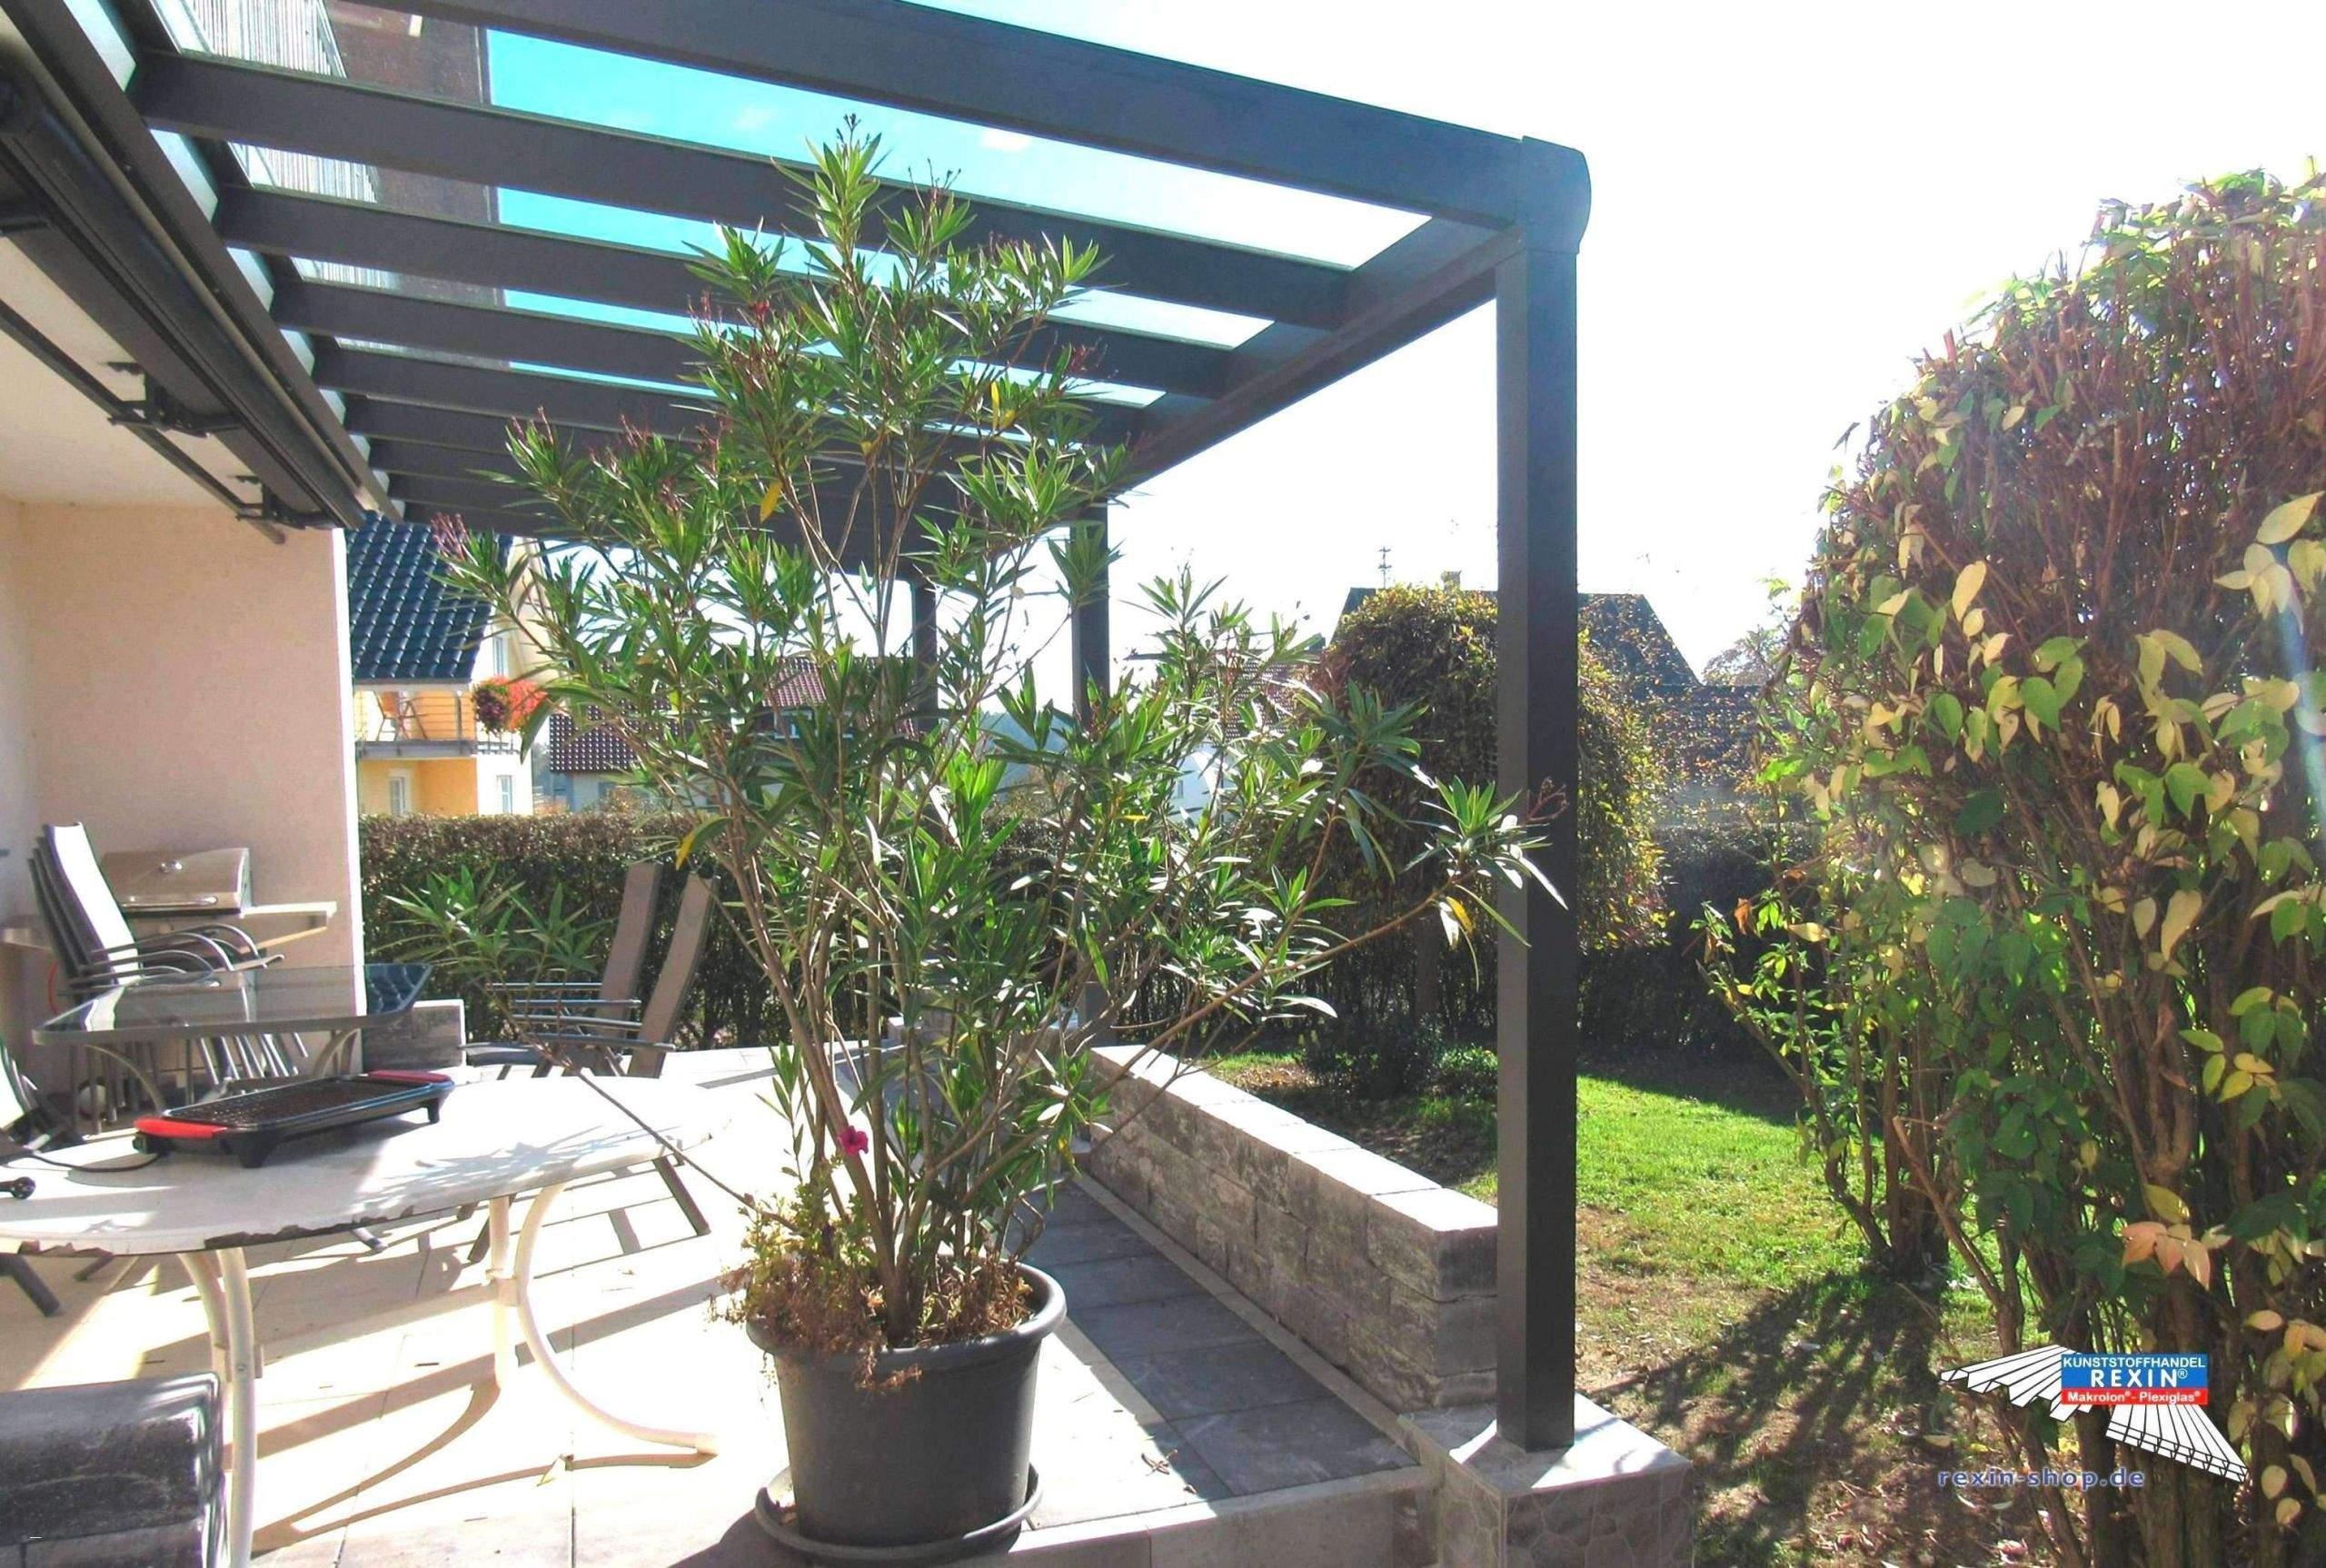 wohnzimmer pflanze reizend schlafzimmer boxspringbett elegant pflanzen neu pflanzen of wohnzimmer pflanze scaled